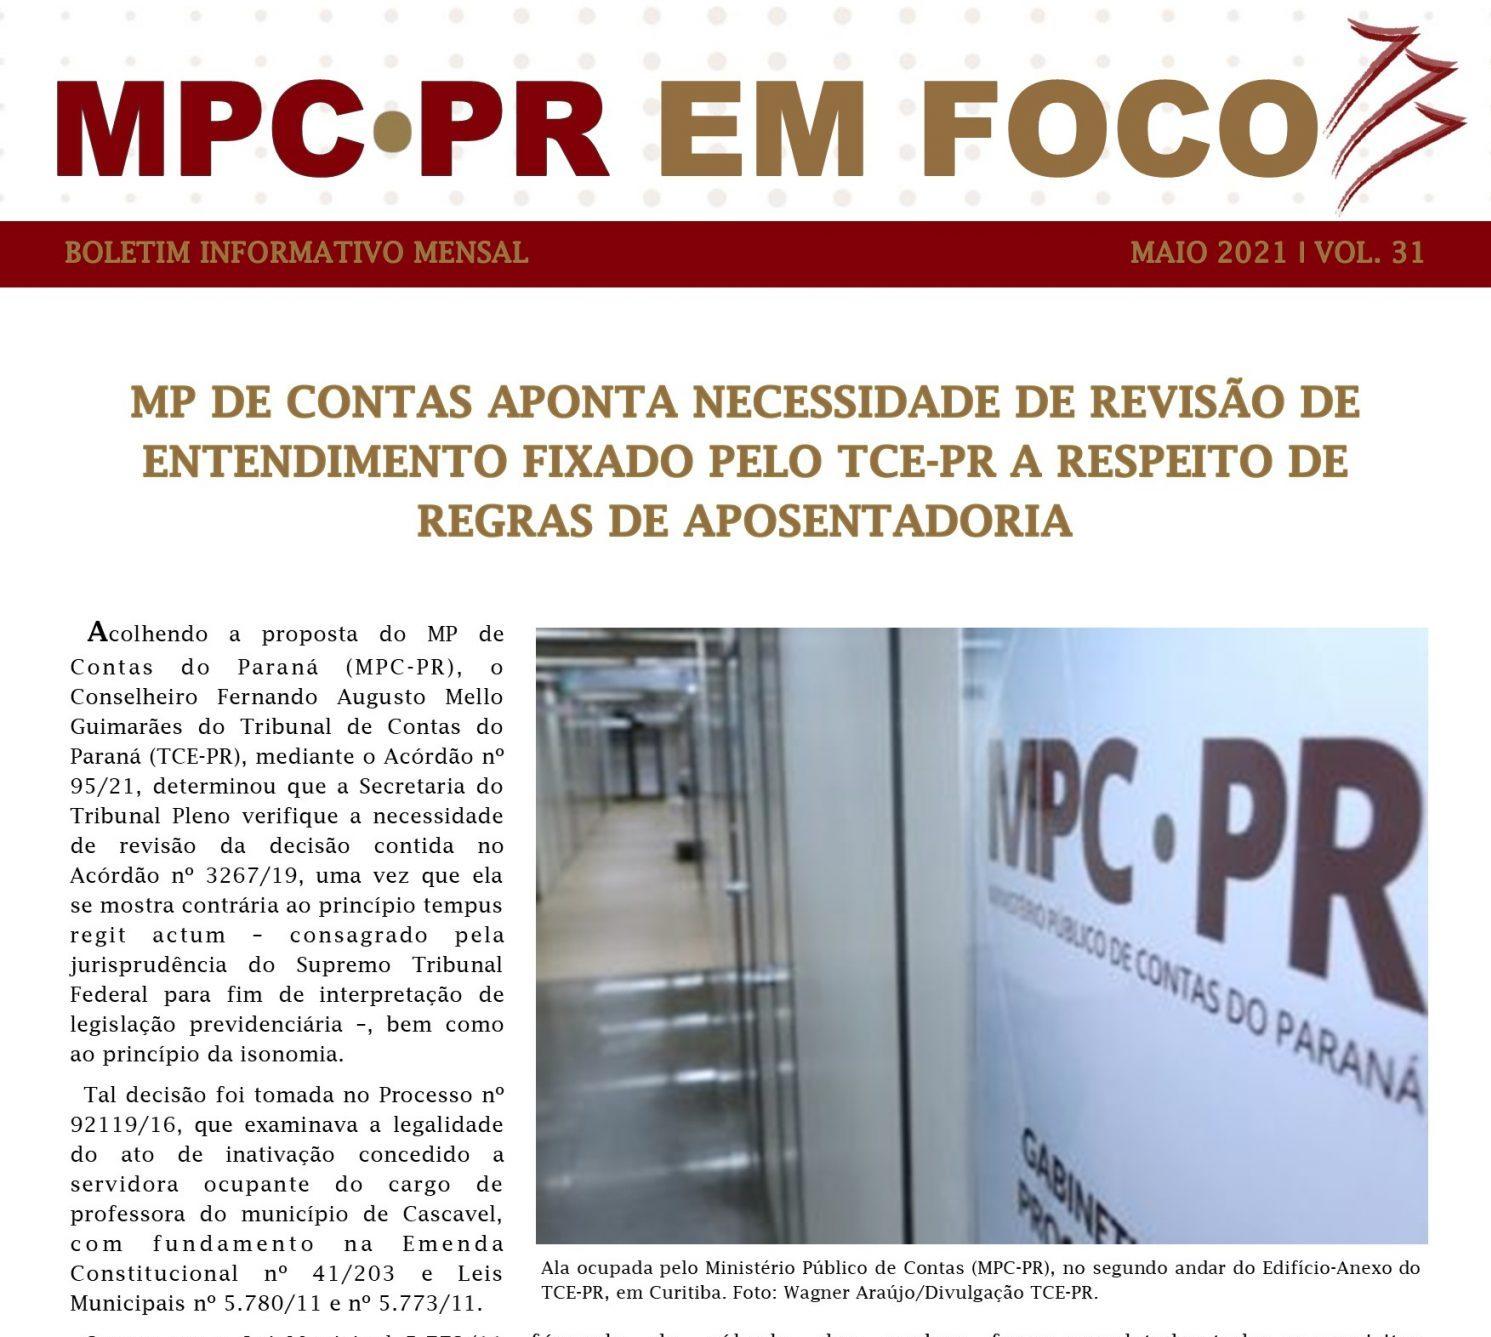 Boletim Informativo MPC-PR em Foco maio/2021